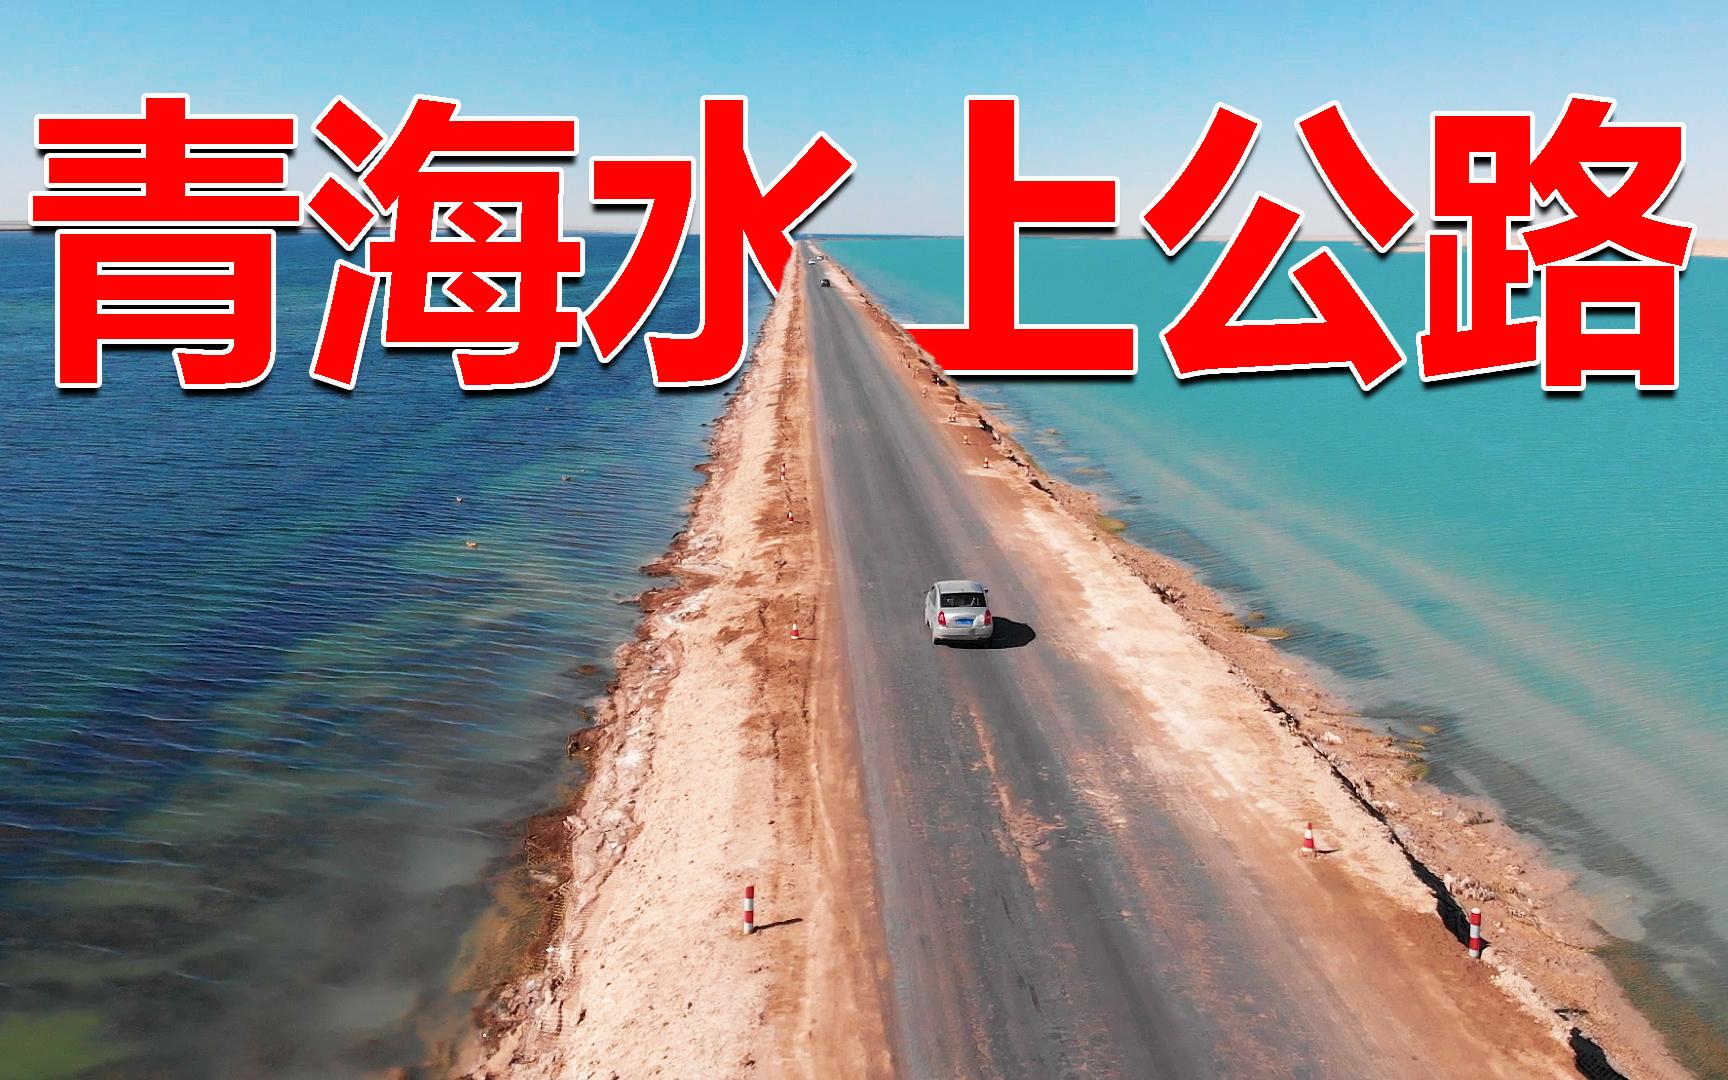 青海水上公路,同一个湖却有两种颜色,这条国道风景完全不输318